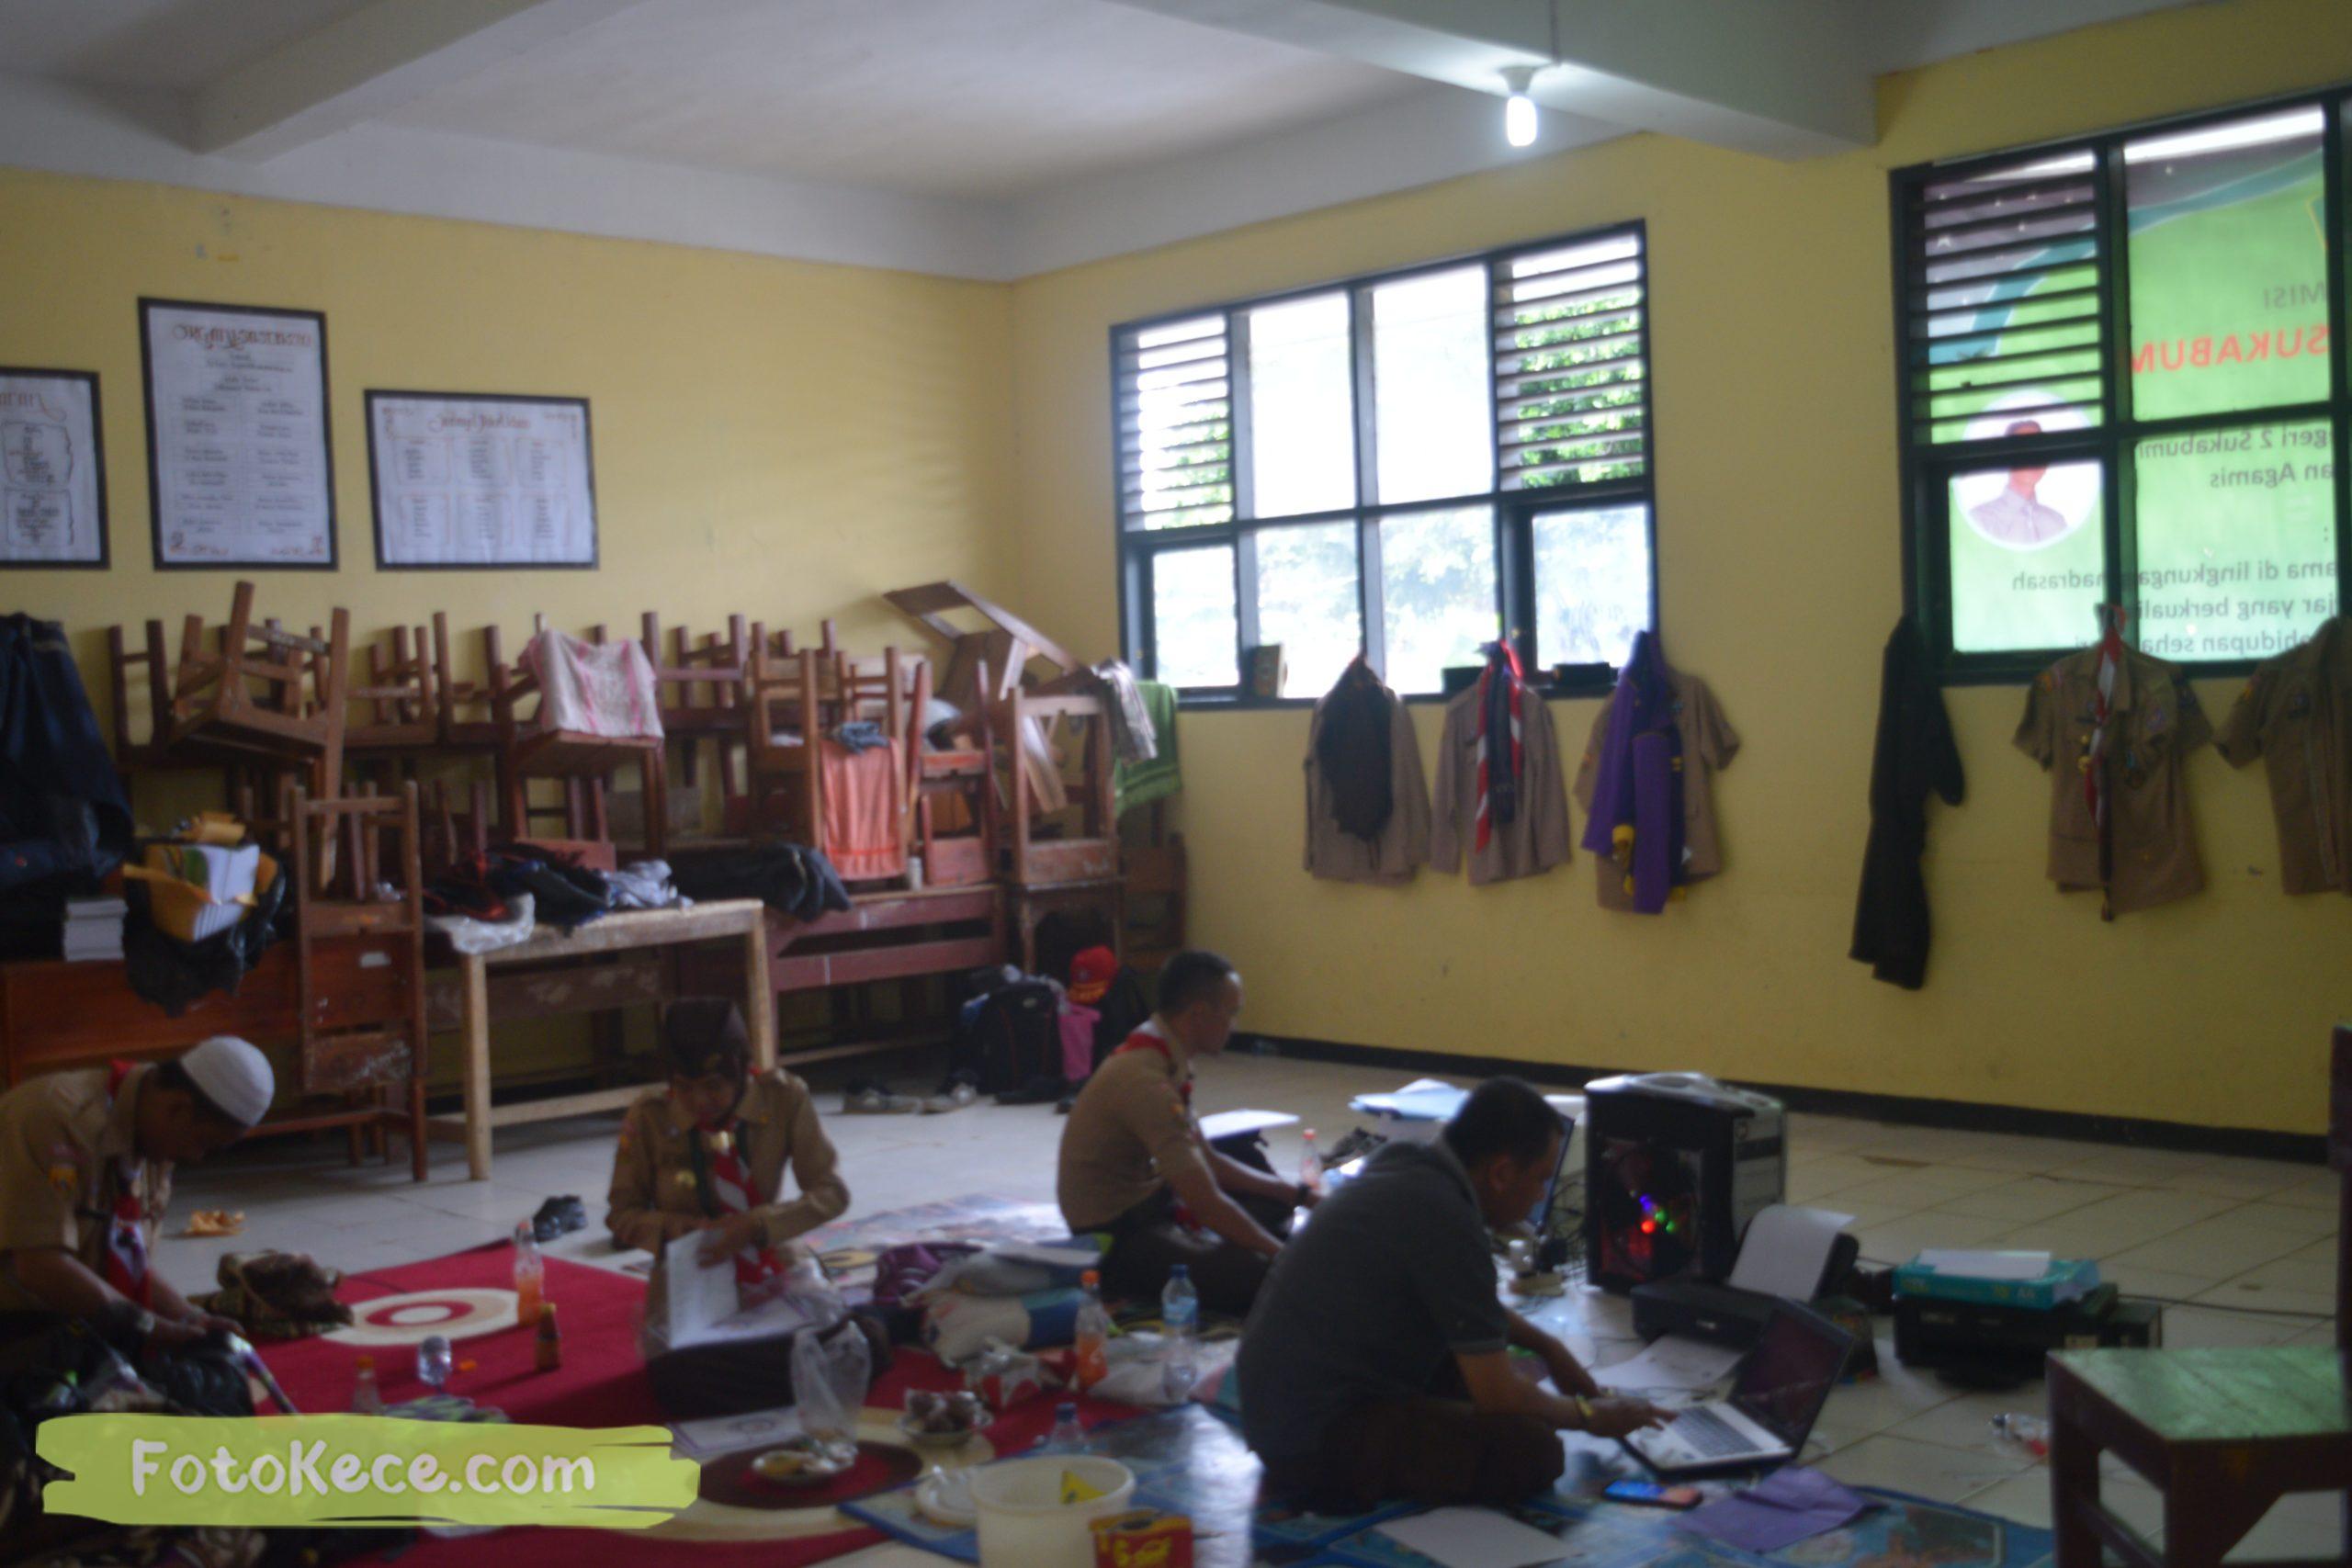 indoor kursus pembina mahir tingkat dasar kmd kwartir ranting surade 2019 fotokece Des 2019 3 scaled